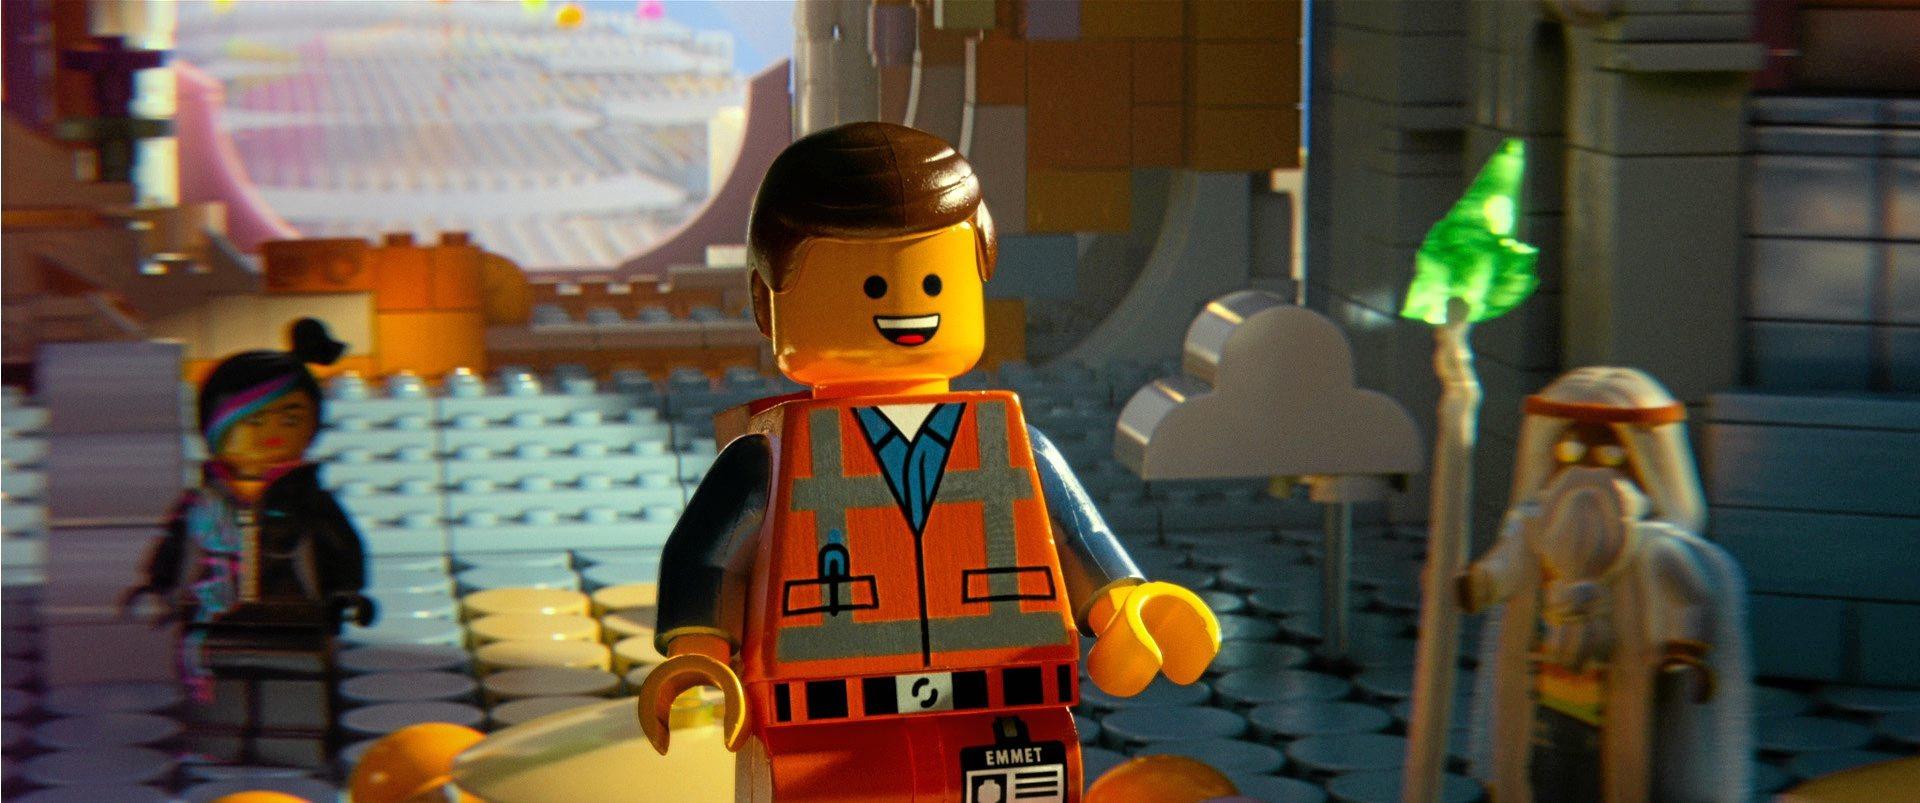 LEGO Filmen 2 har netop ramt biograferne, og her risikerer du allerhøjest at skulle overvære en lille smule romantik imellem animerede plasticfigurer. PR-foto